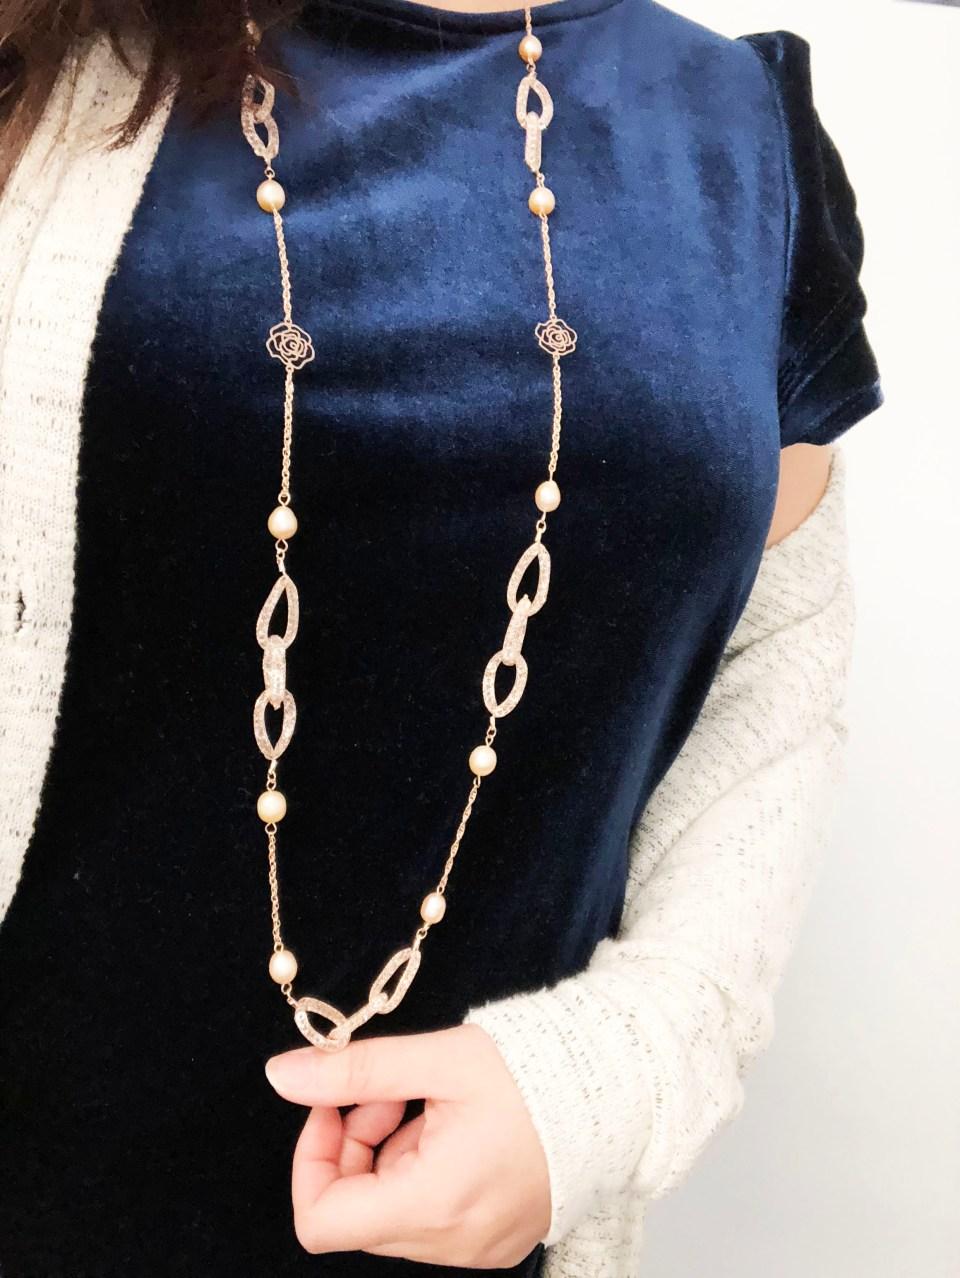 Embellished Necklace + Blue Velvet Top 3